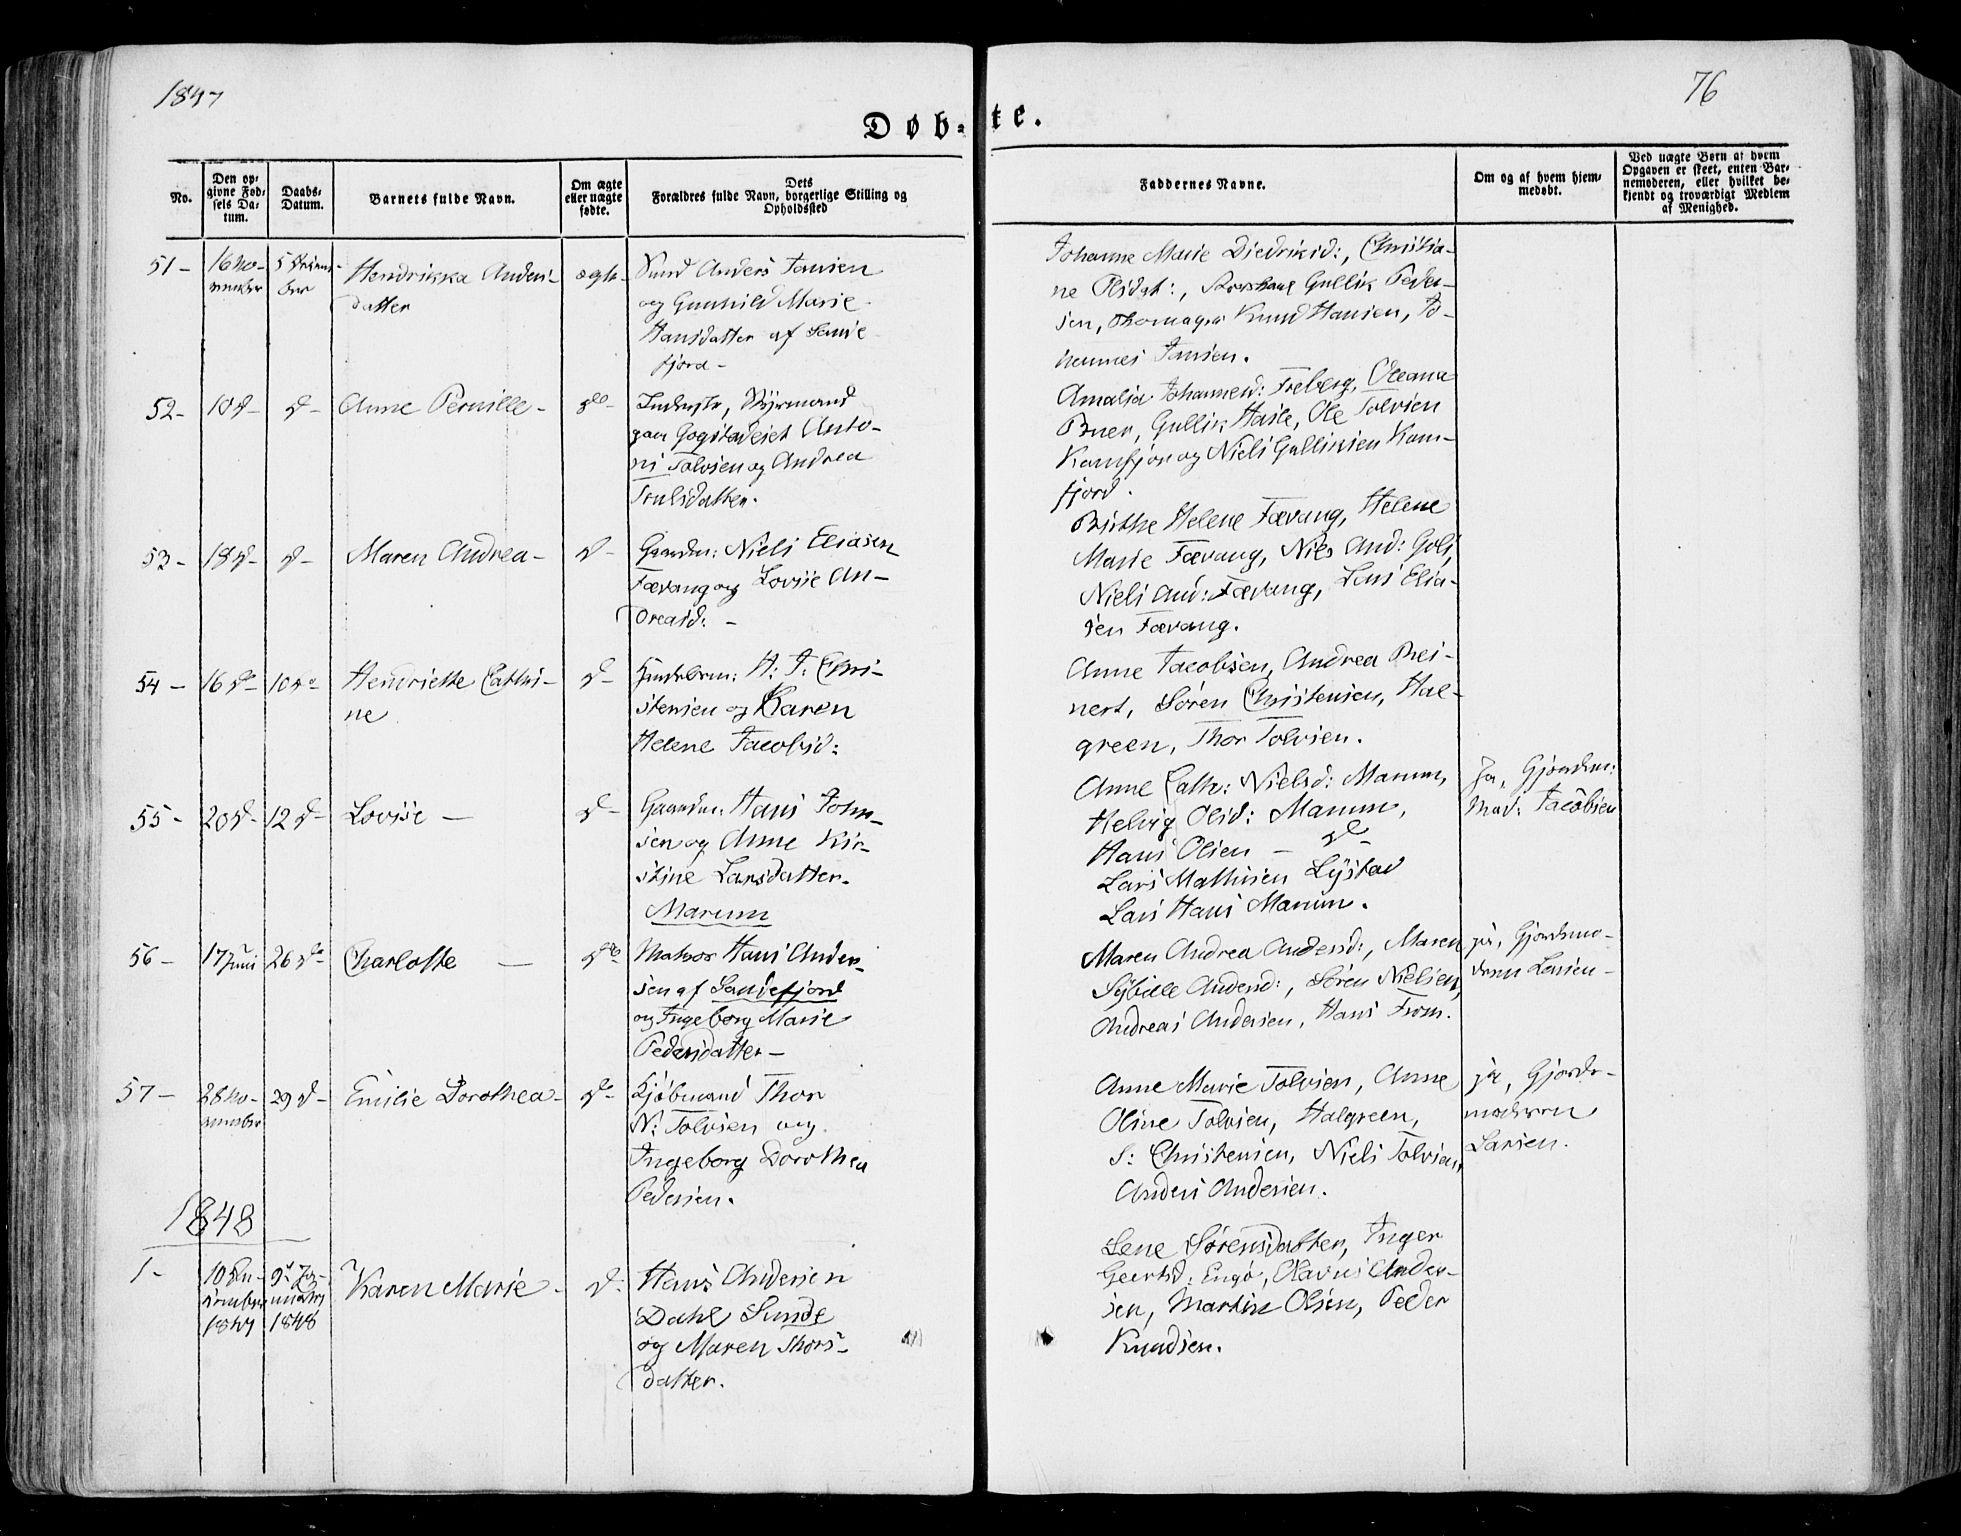 SAKO, Sandar kirkebøker, F/Fa/L0006: Ministerialbok nr. 6, 1847-1860, s. 76